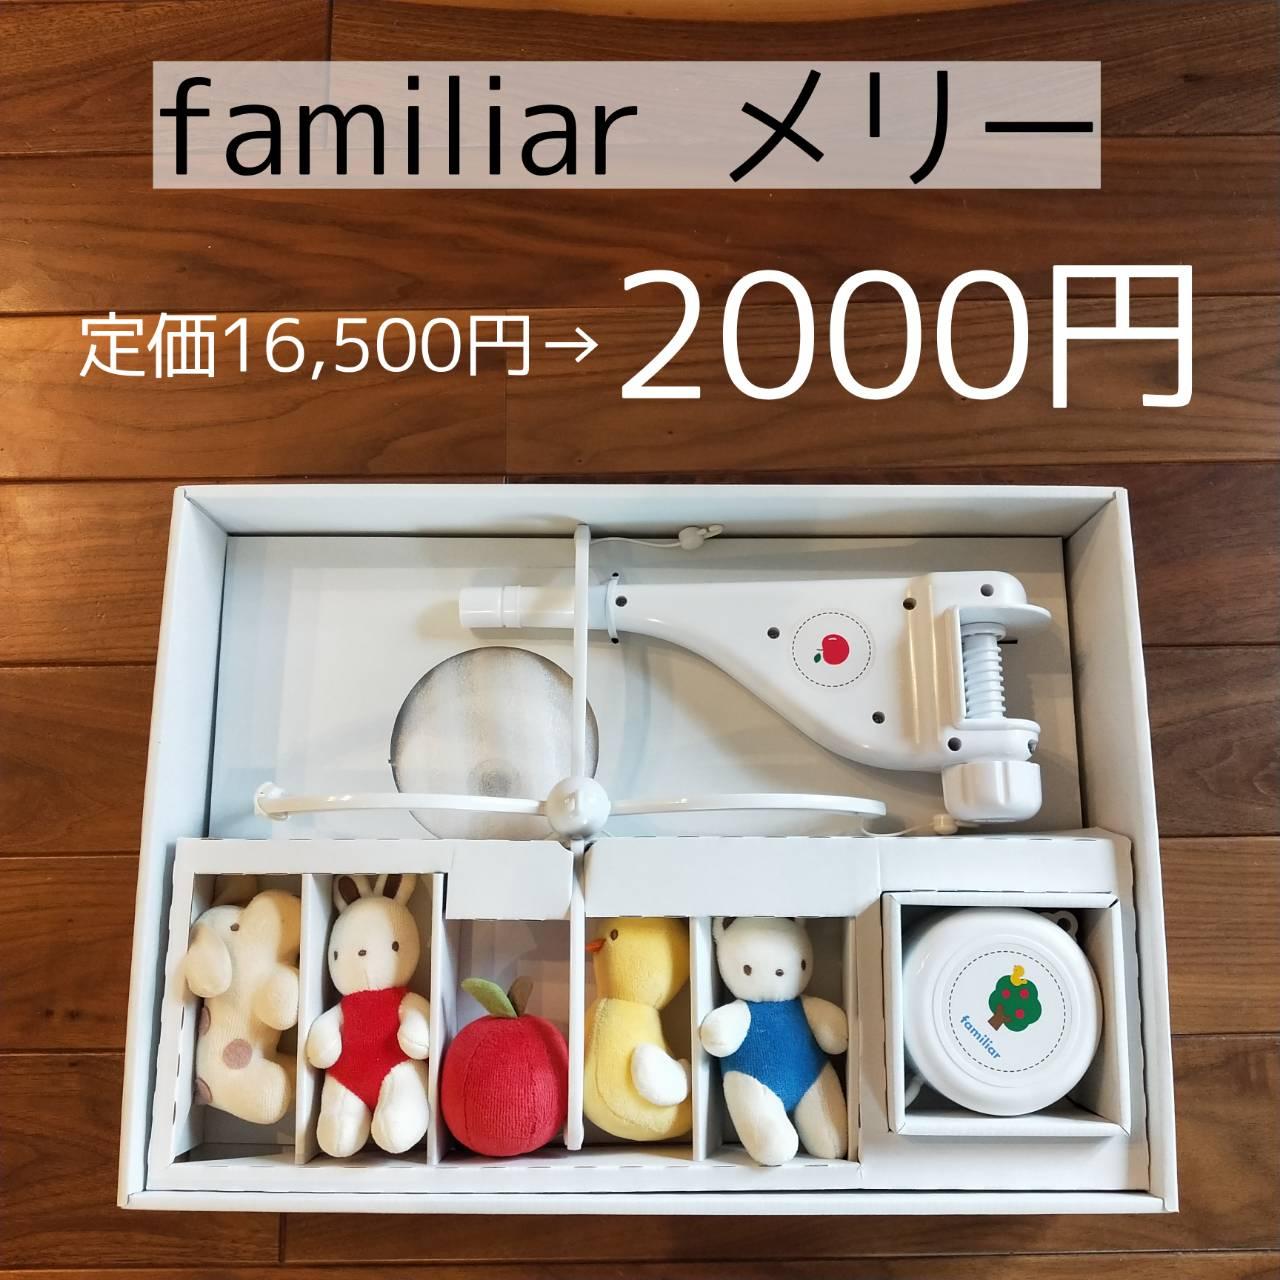 ⑥familiar メリー 2000円